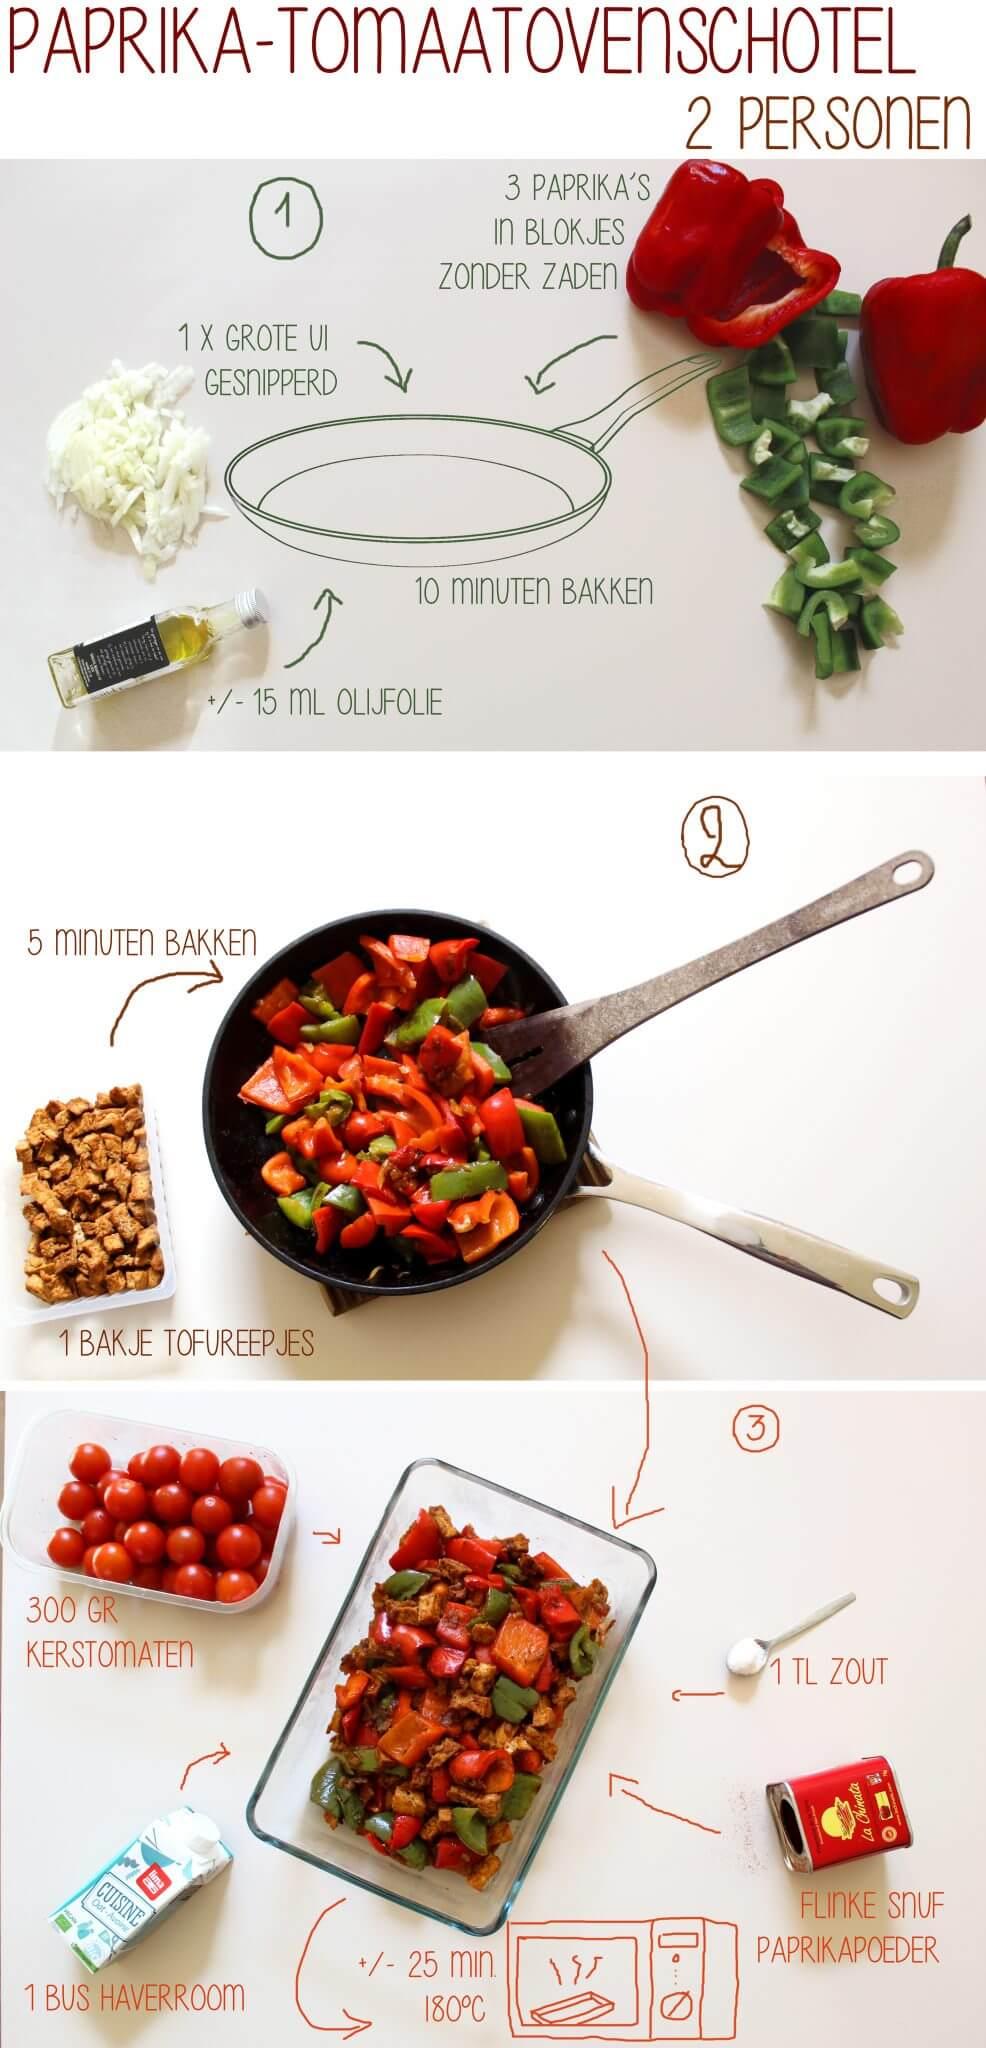 Ovenschotel tomaat met paprika.jpg